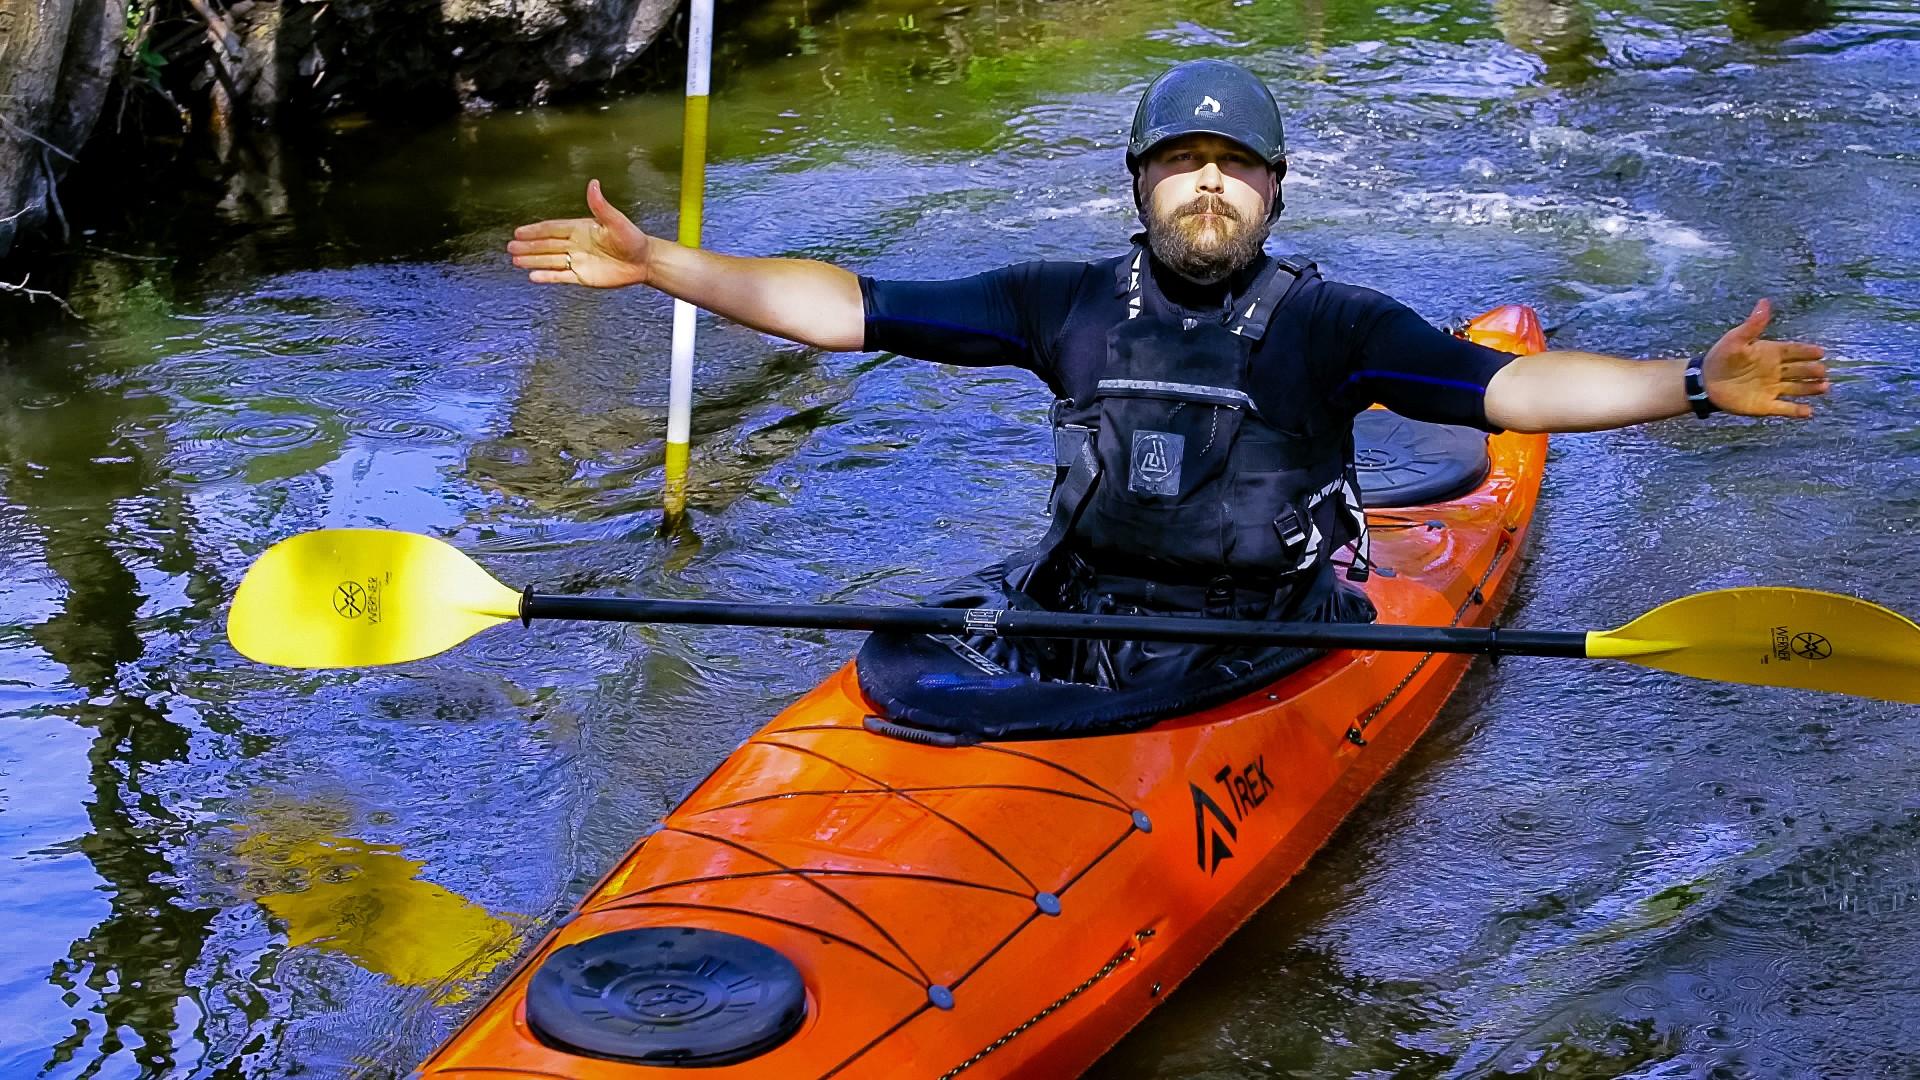 Spływ kajakowy Hydroaktywni 2018. Spłynęliśmy z klimatem [FOTORELACJA, FILM] 22